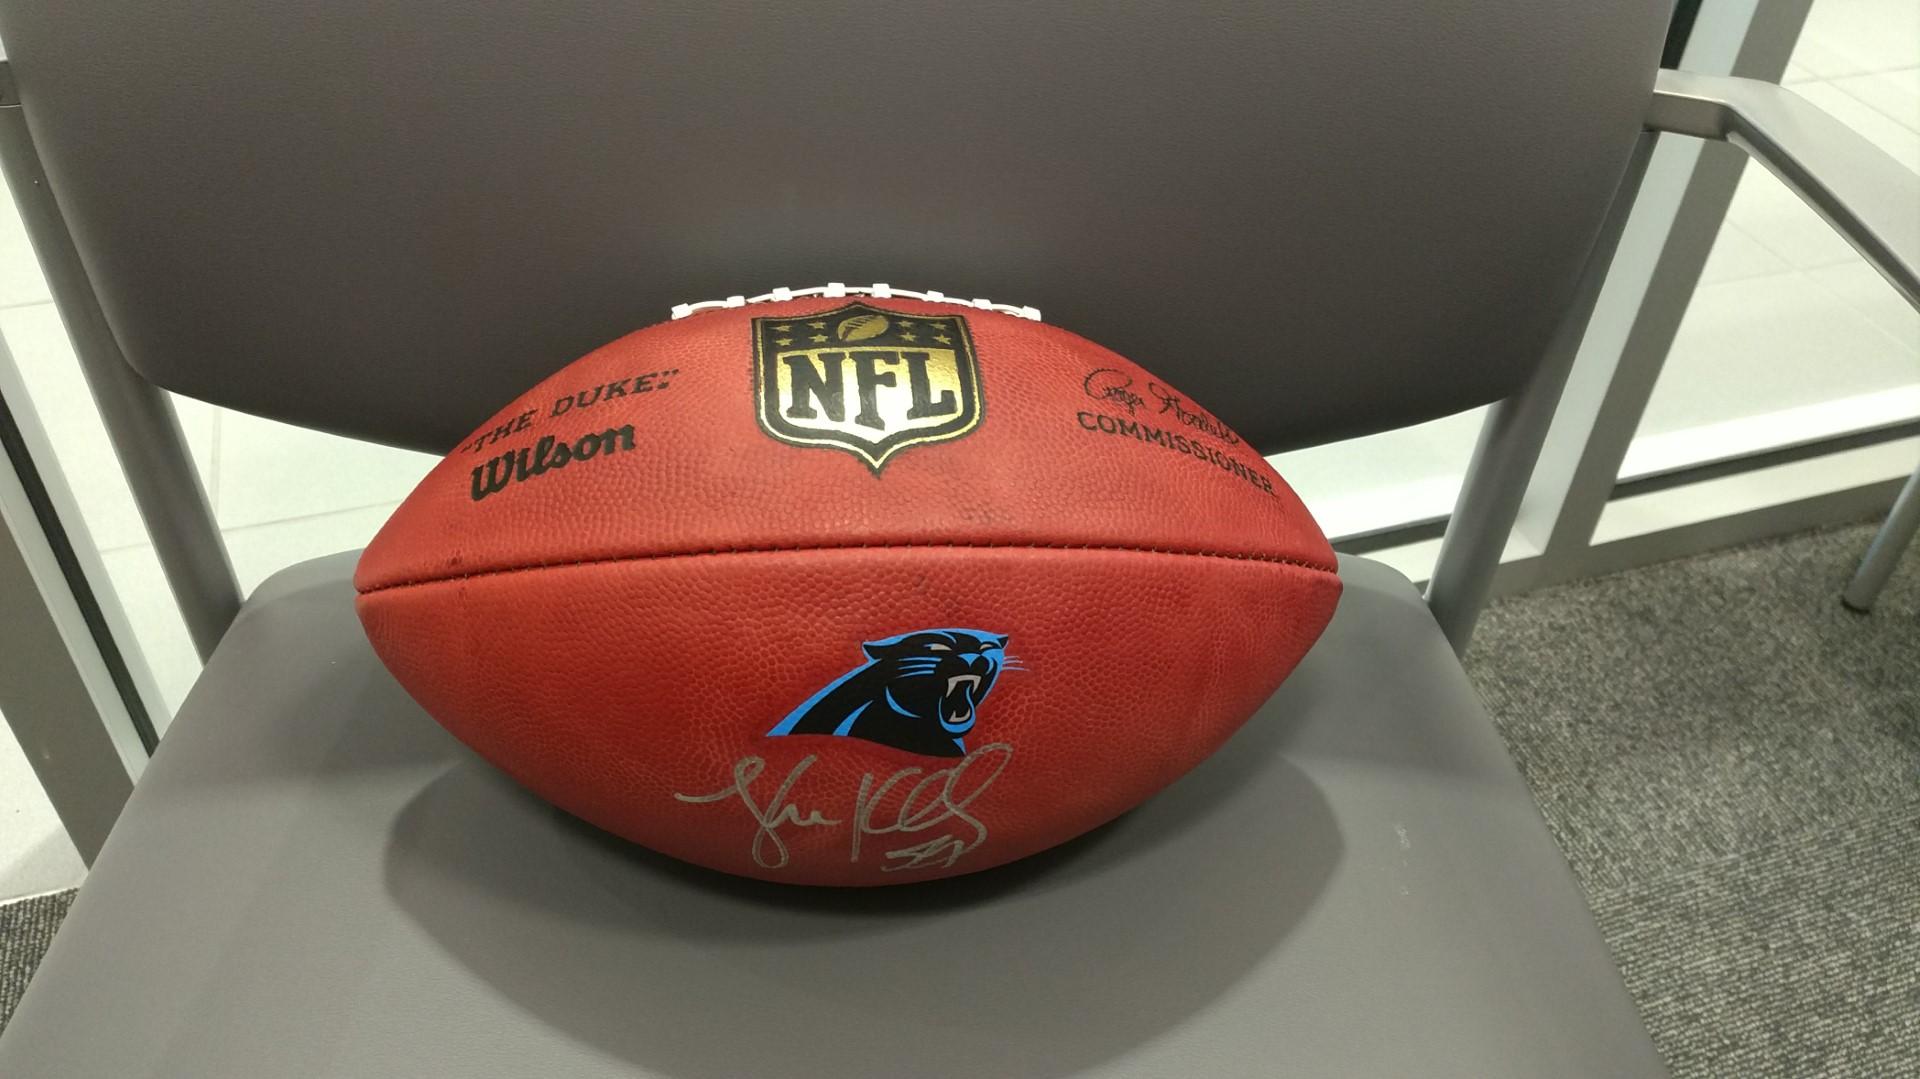 Luke Kuechly Signed Carolina Panthers NFL Football